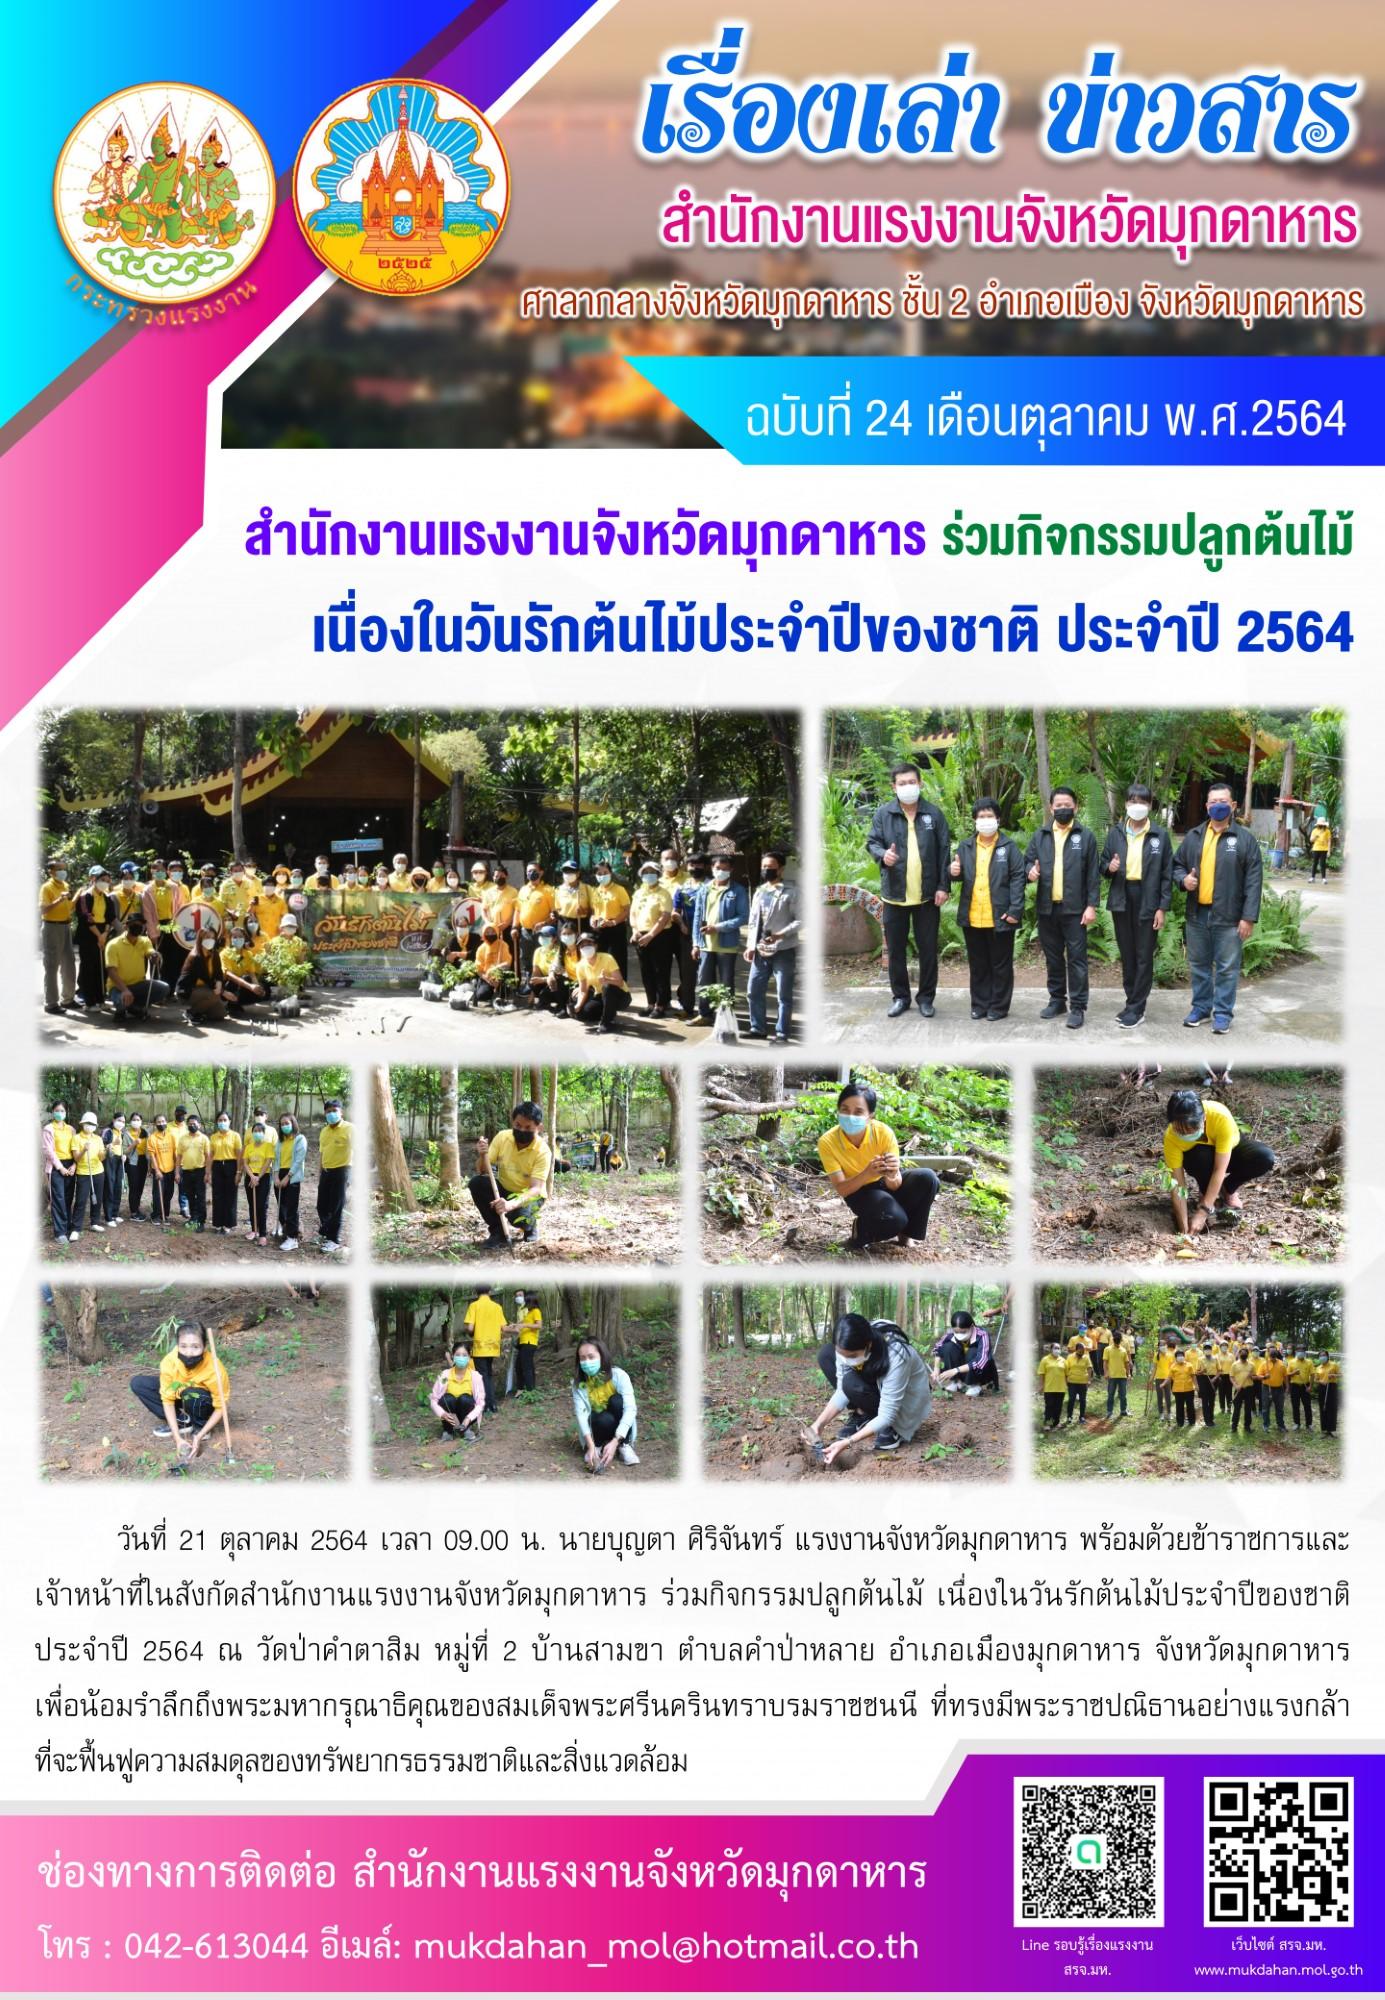 สำนักงานแรงงานจังหวัดมุกดาหาร ร่วมกิจกรรมปลูกต้นไม้ เนื่องในวันรักต้นไม้ประจำปีของชาติ ประจำปี 2564